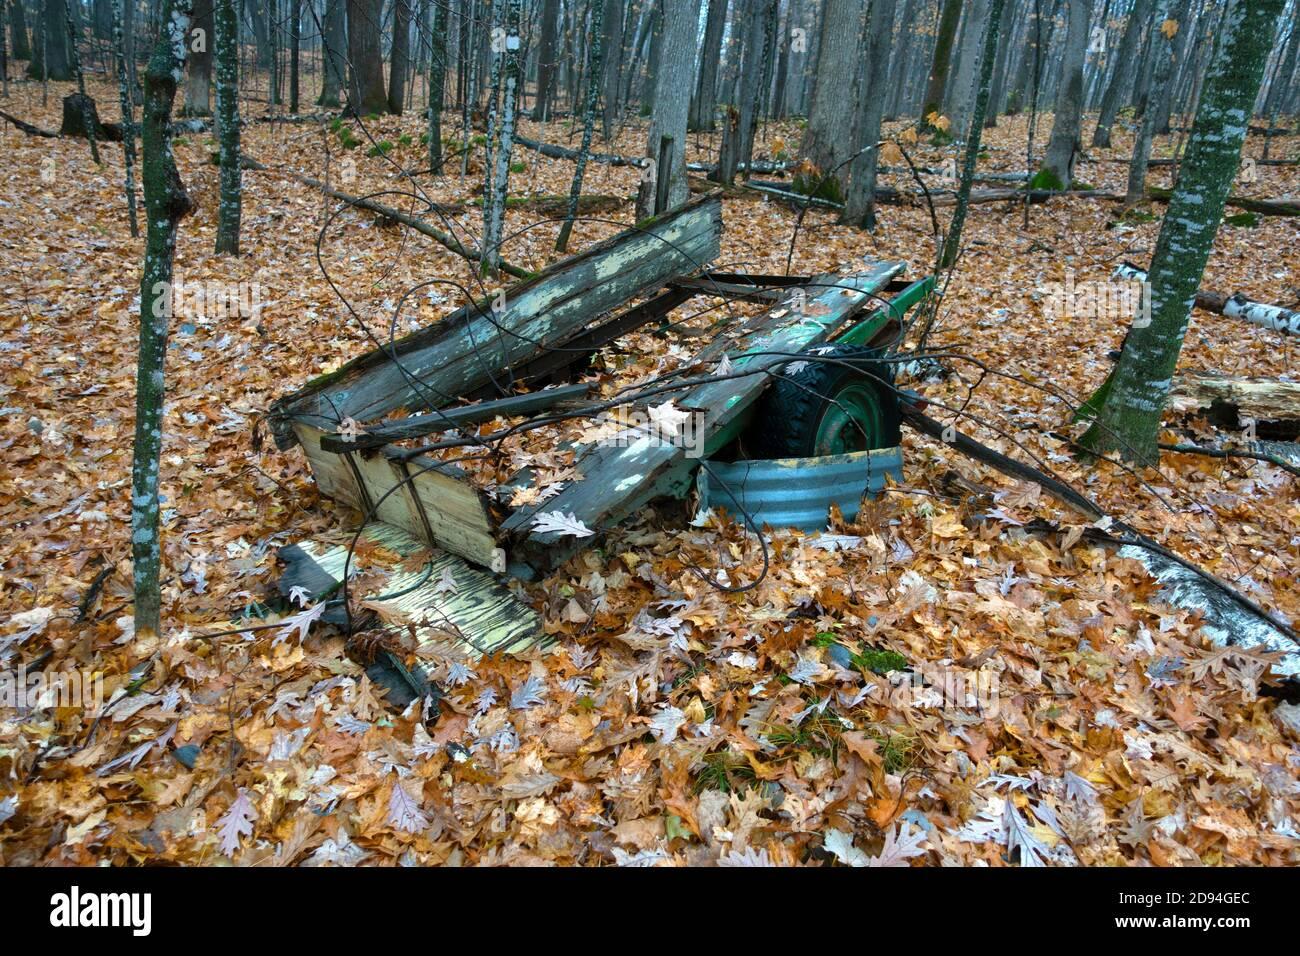 Remorque affaissée dans les bois. Cumberland Wisconsin ÉTATS-Unis Banque D'Images